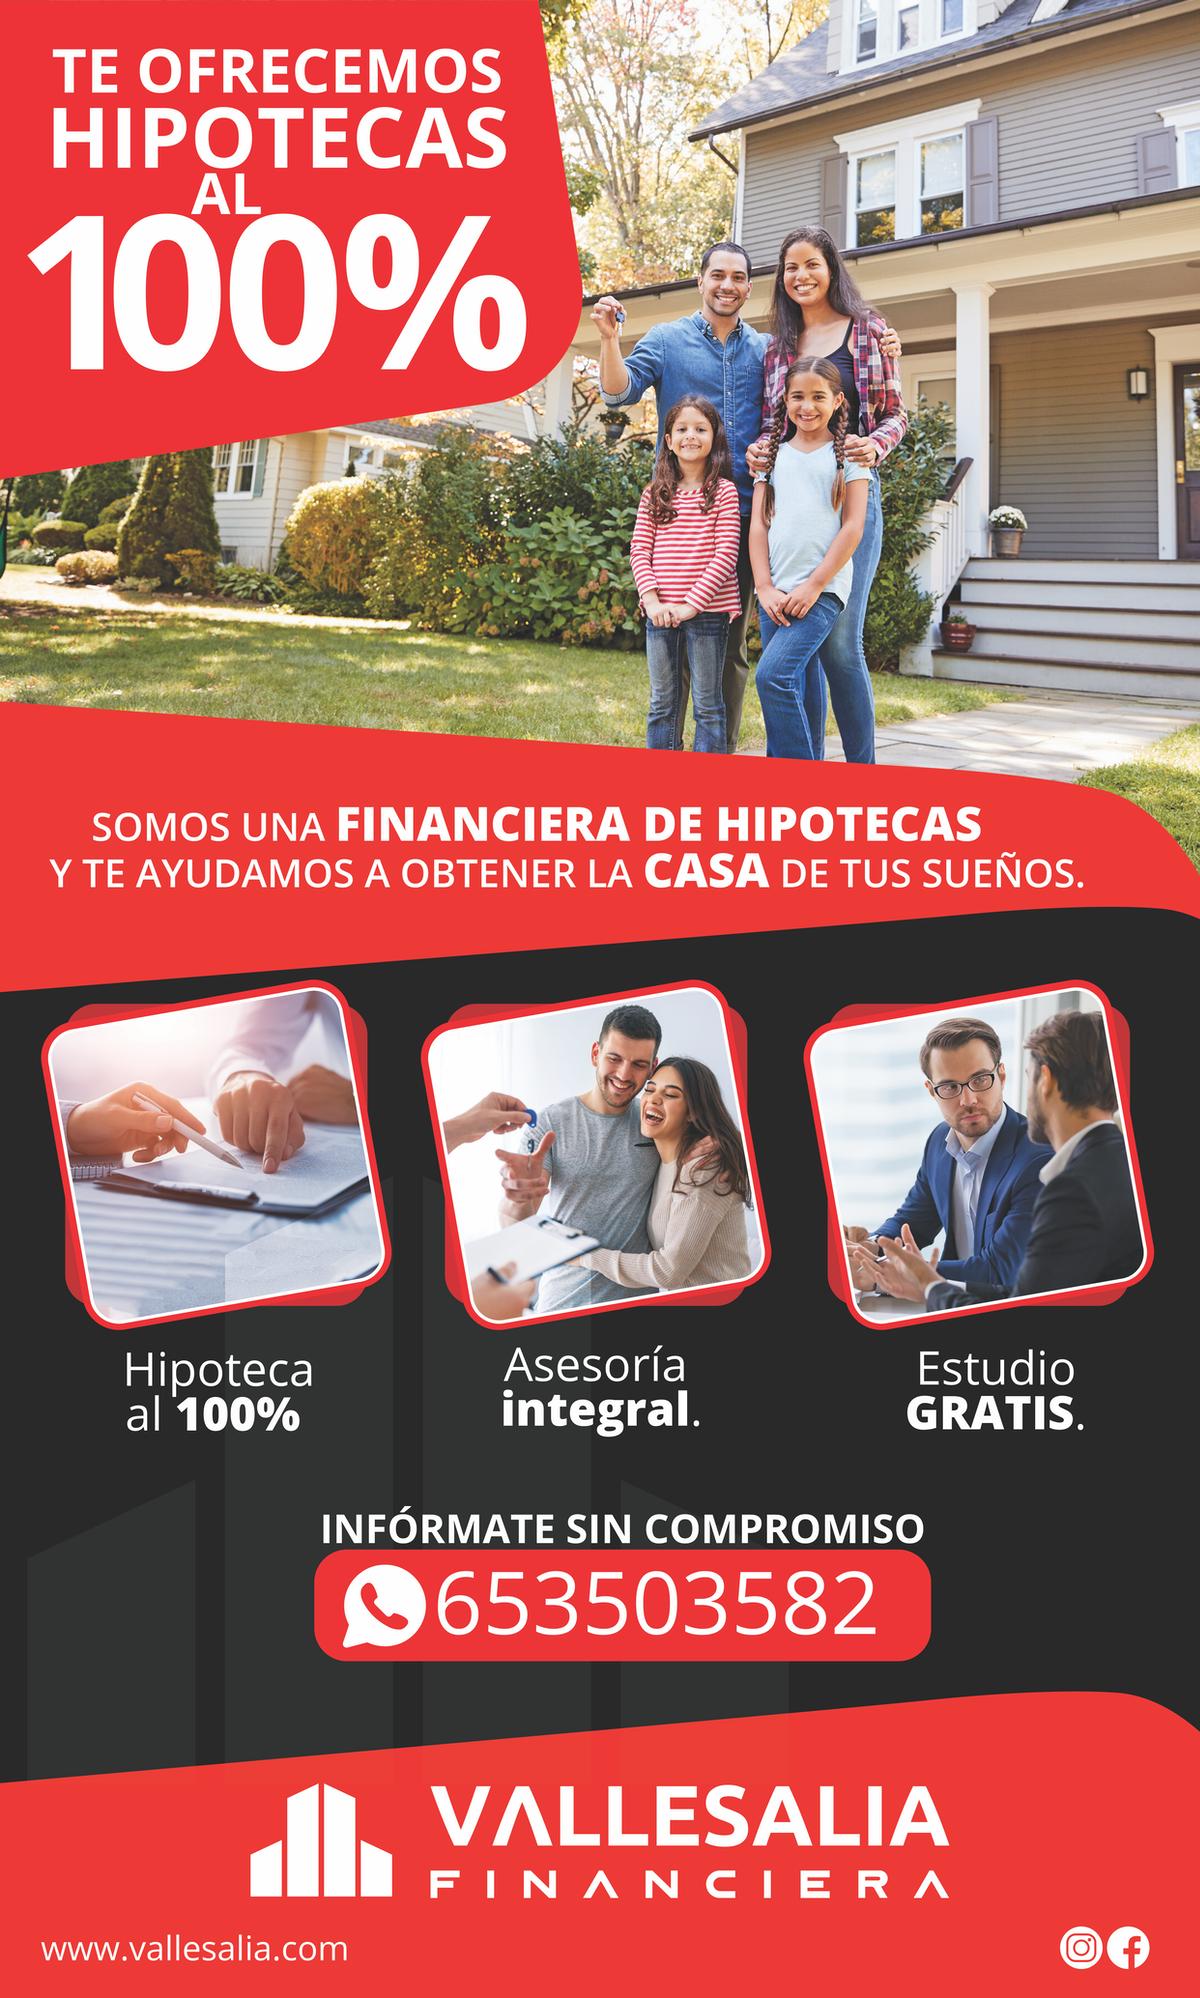 PROMOCIONAR NUEVO SERVICIO CONSEGUIMOS DE HIPOTECAS 100%. AHORA TAMBIEN SOMOS FINANCIERA.